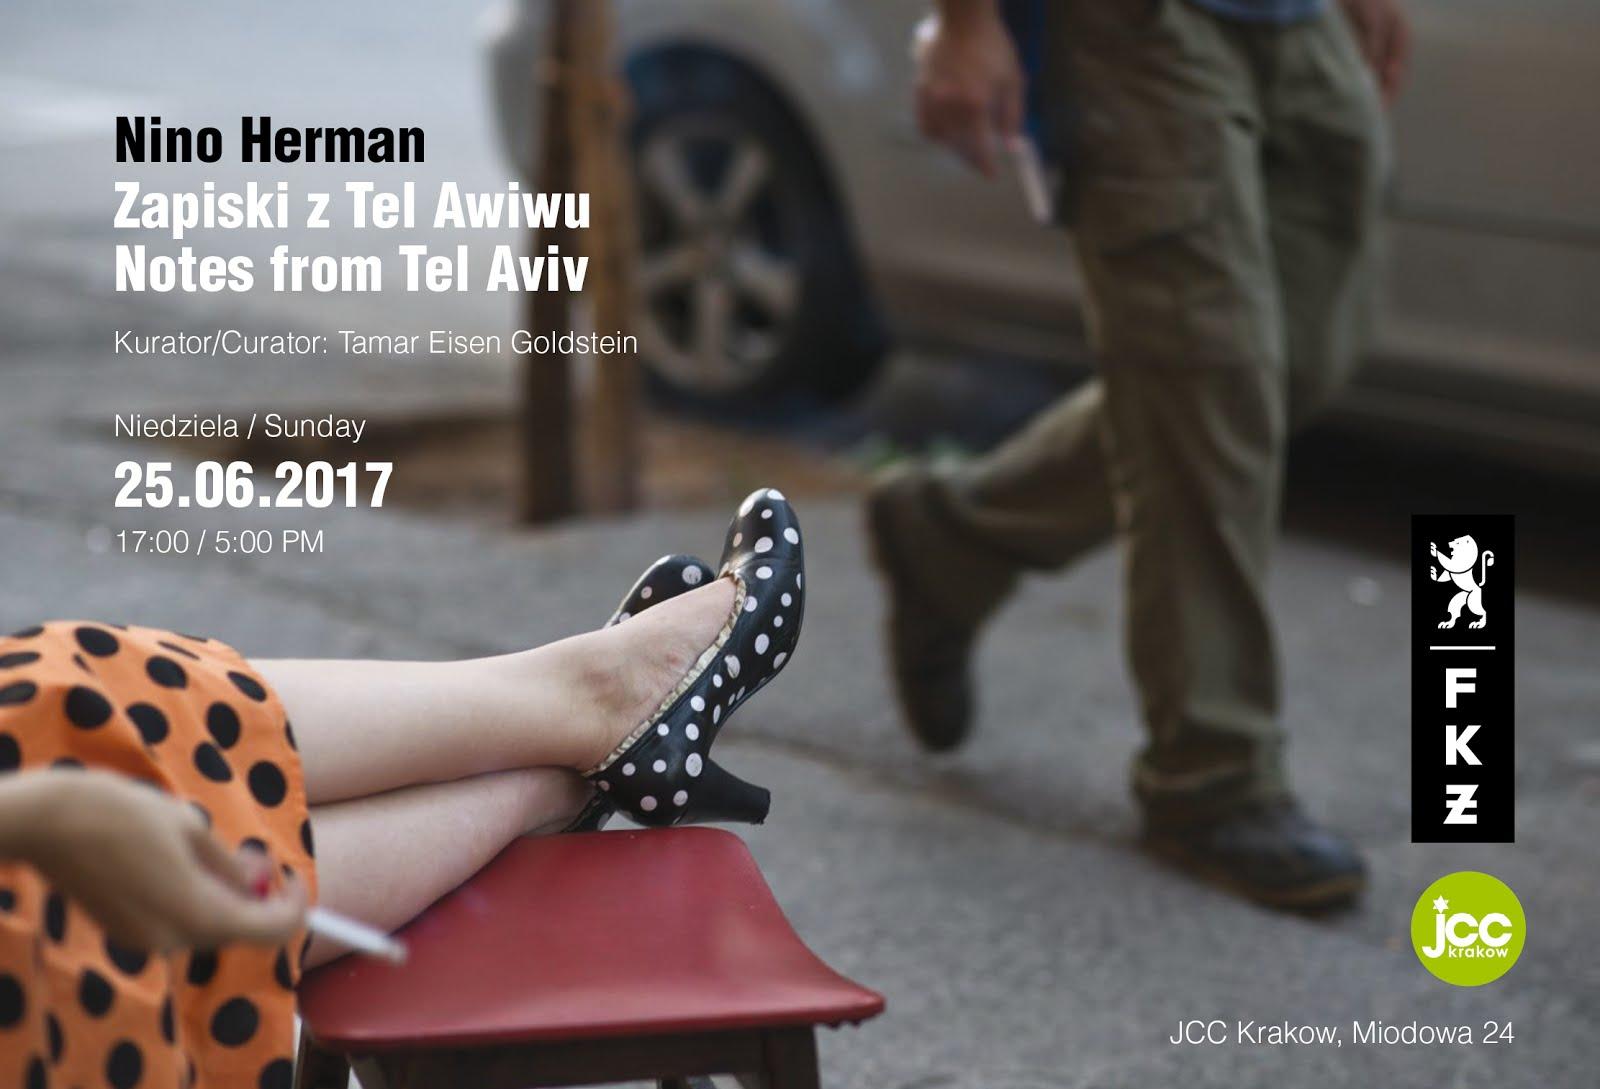 תערוכת יחיד בקרקוב עד סוף ספטמבר 2017